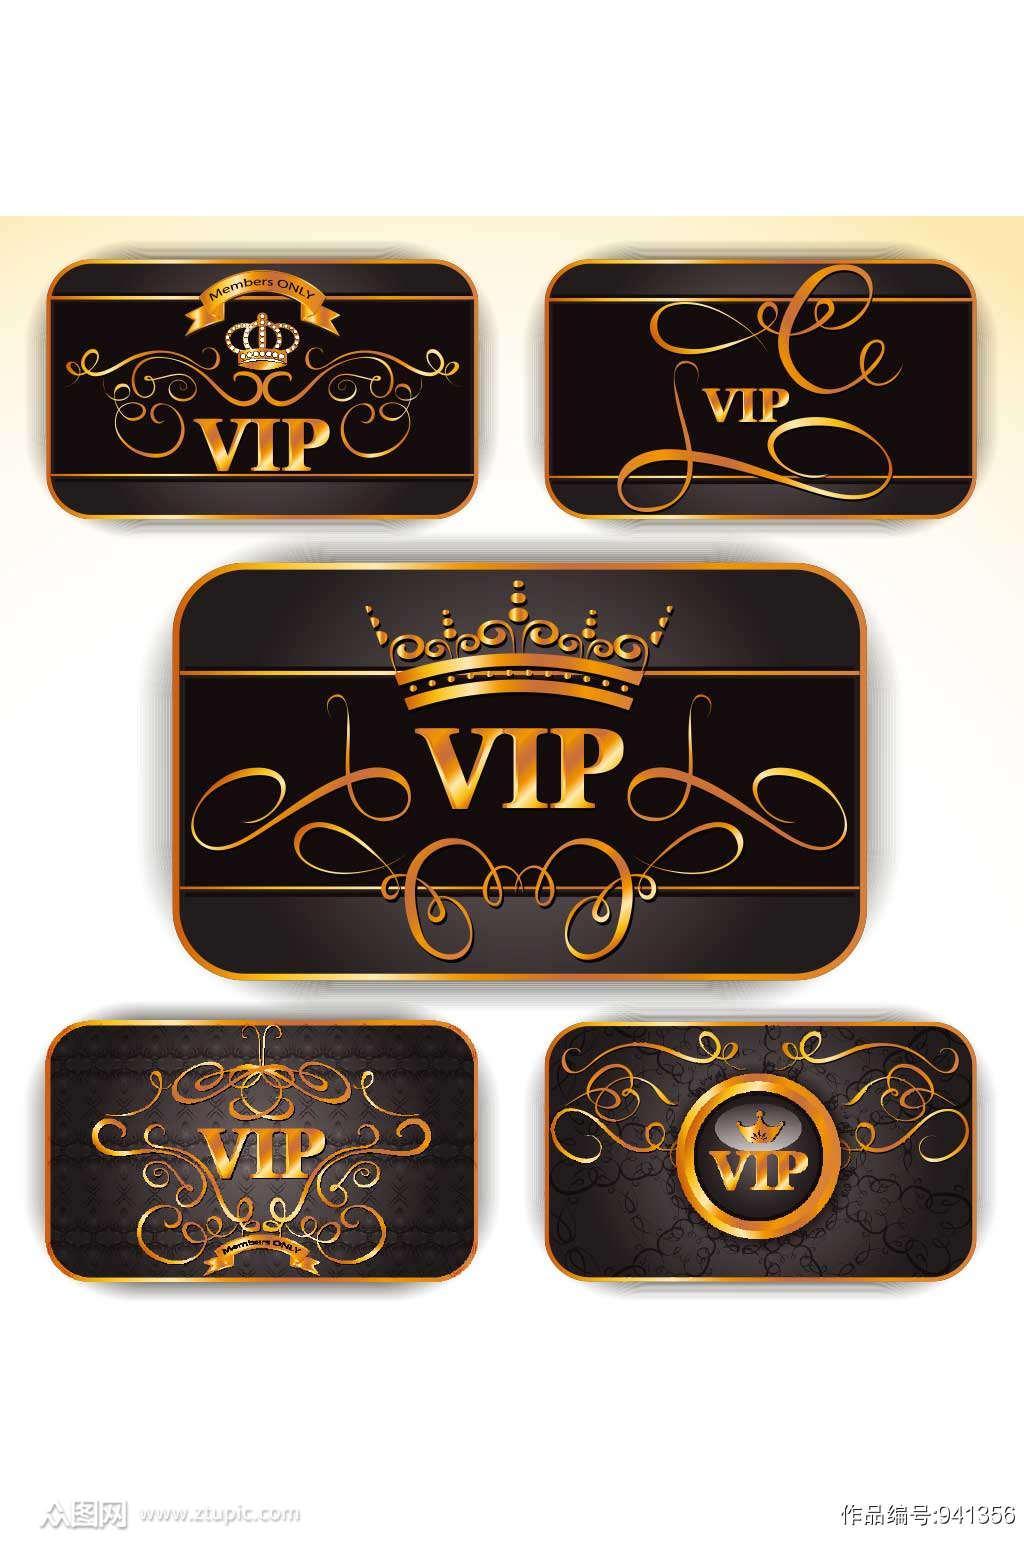 黑金奢华酒吧VIP会员卡模板设计素材